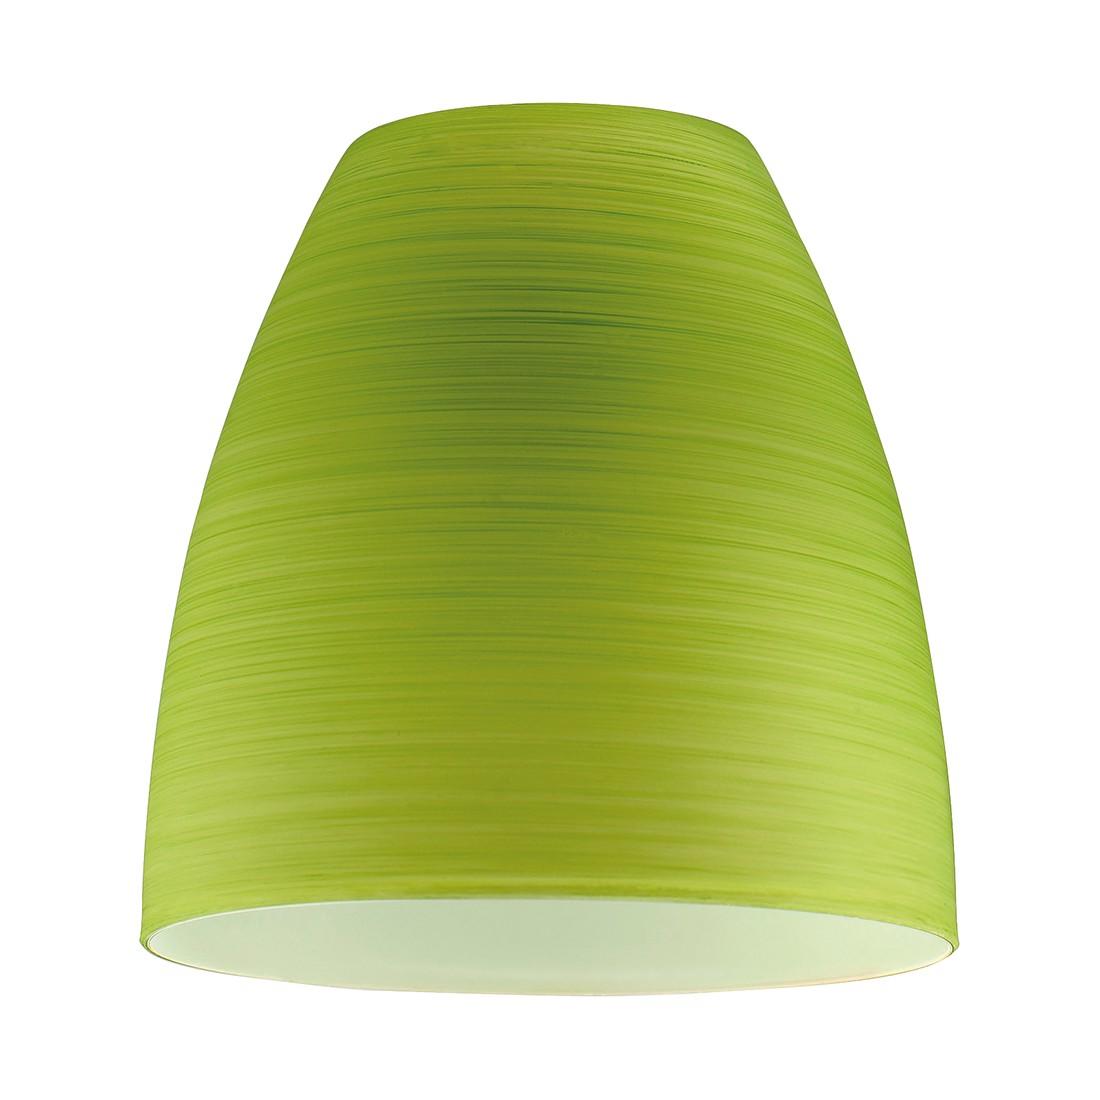 Glas grün - M6 Licht / Medium1-LED, Fischer Leuchten